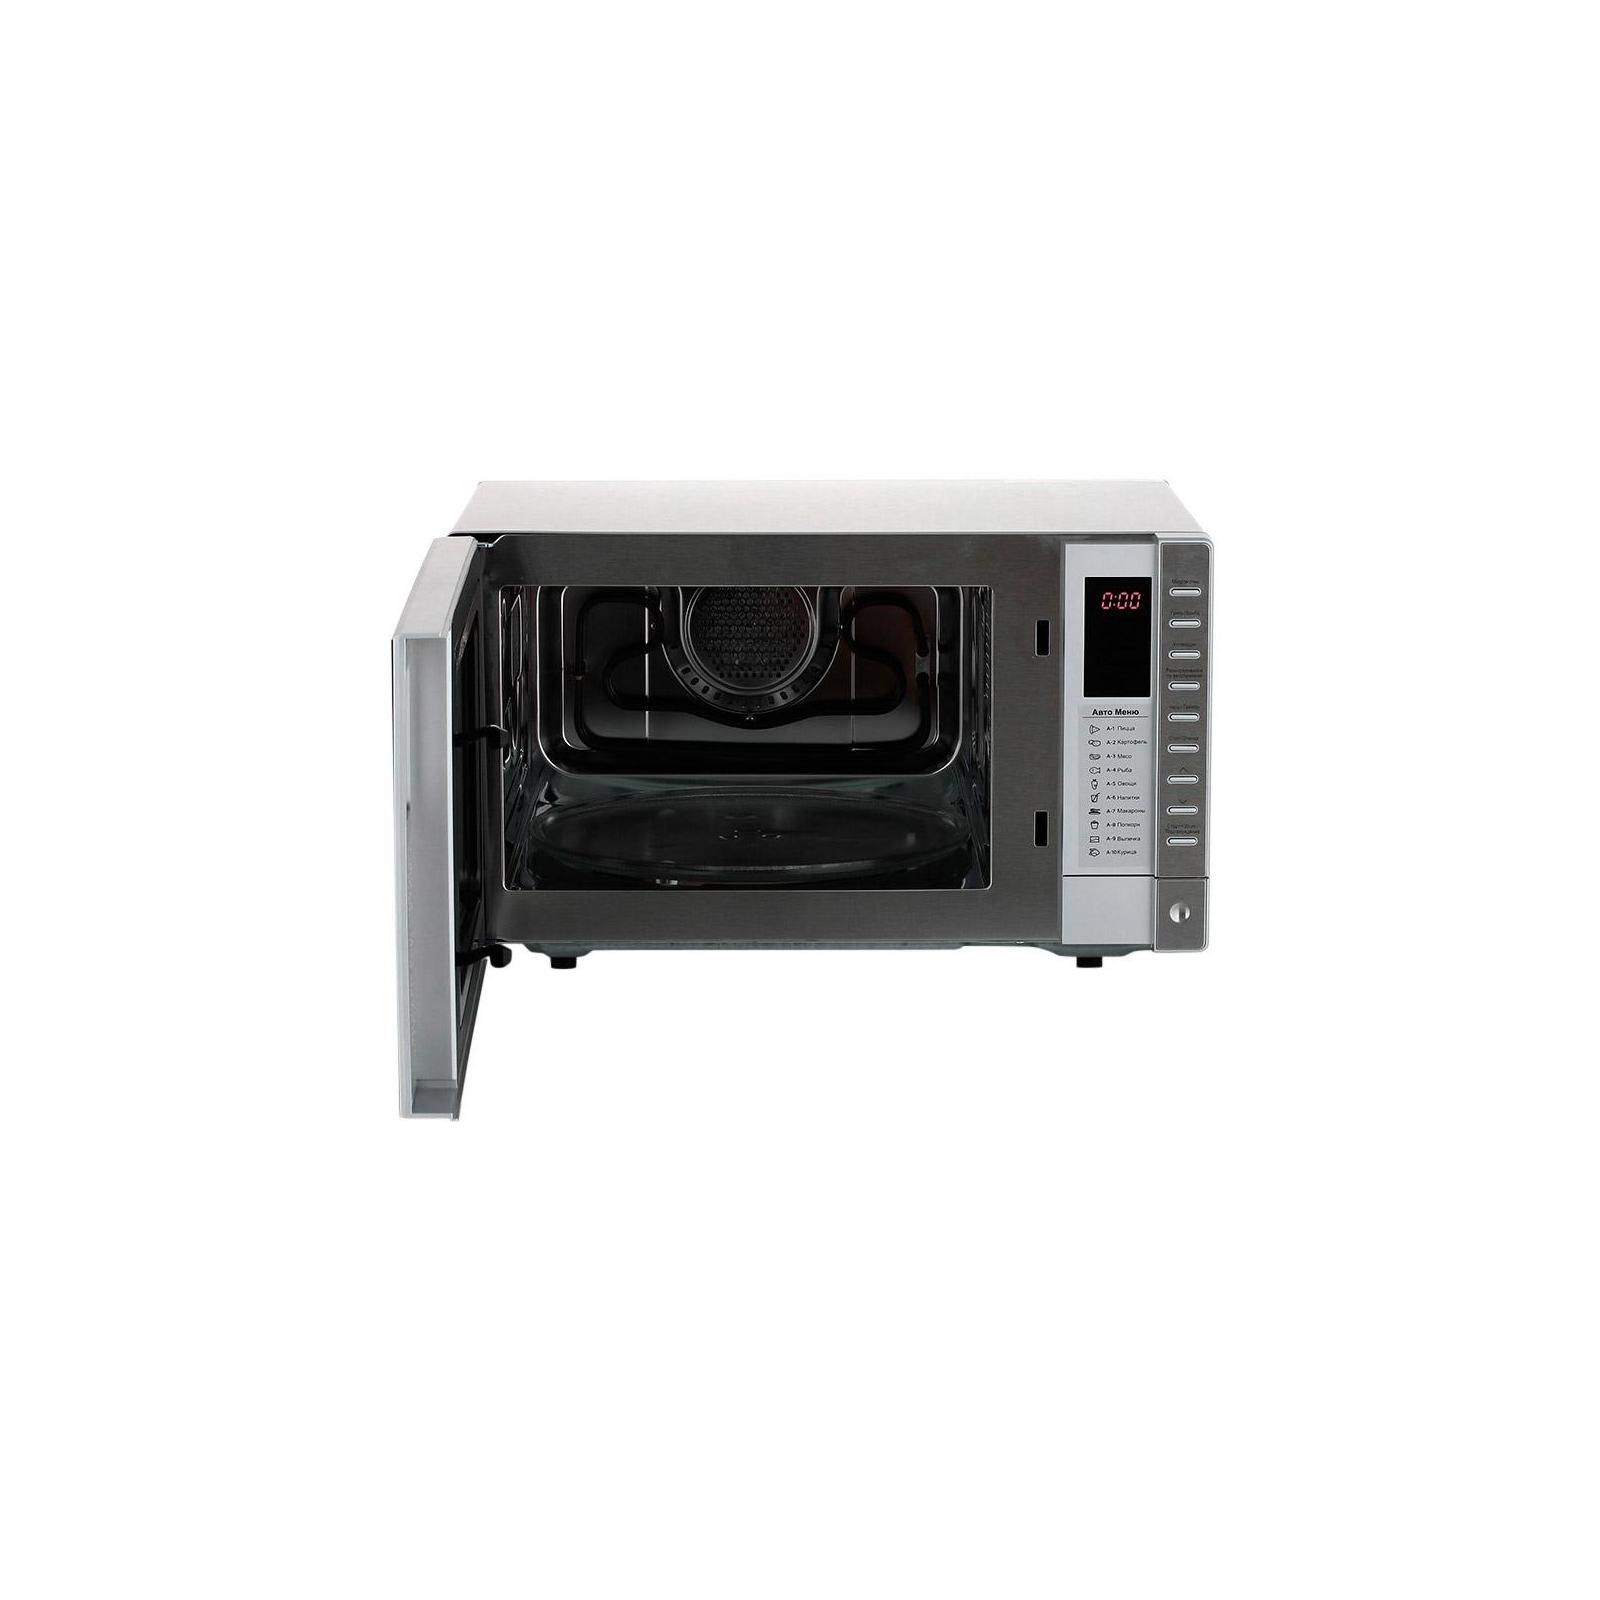 Микроволновая печь MIDEA AW925EXG изображение 4